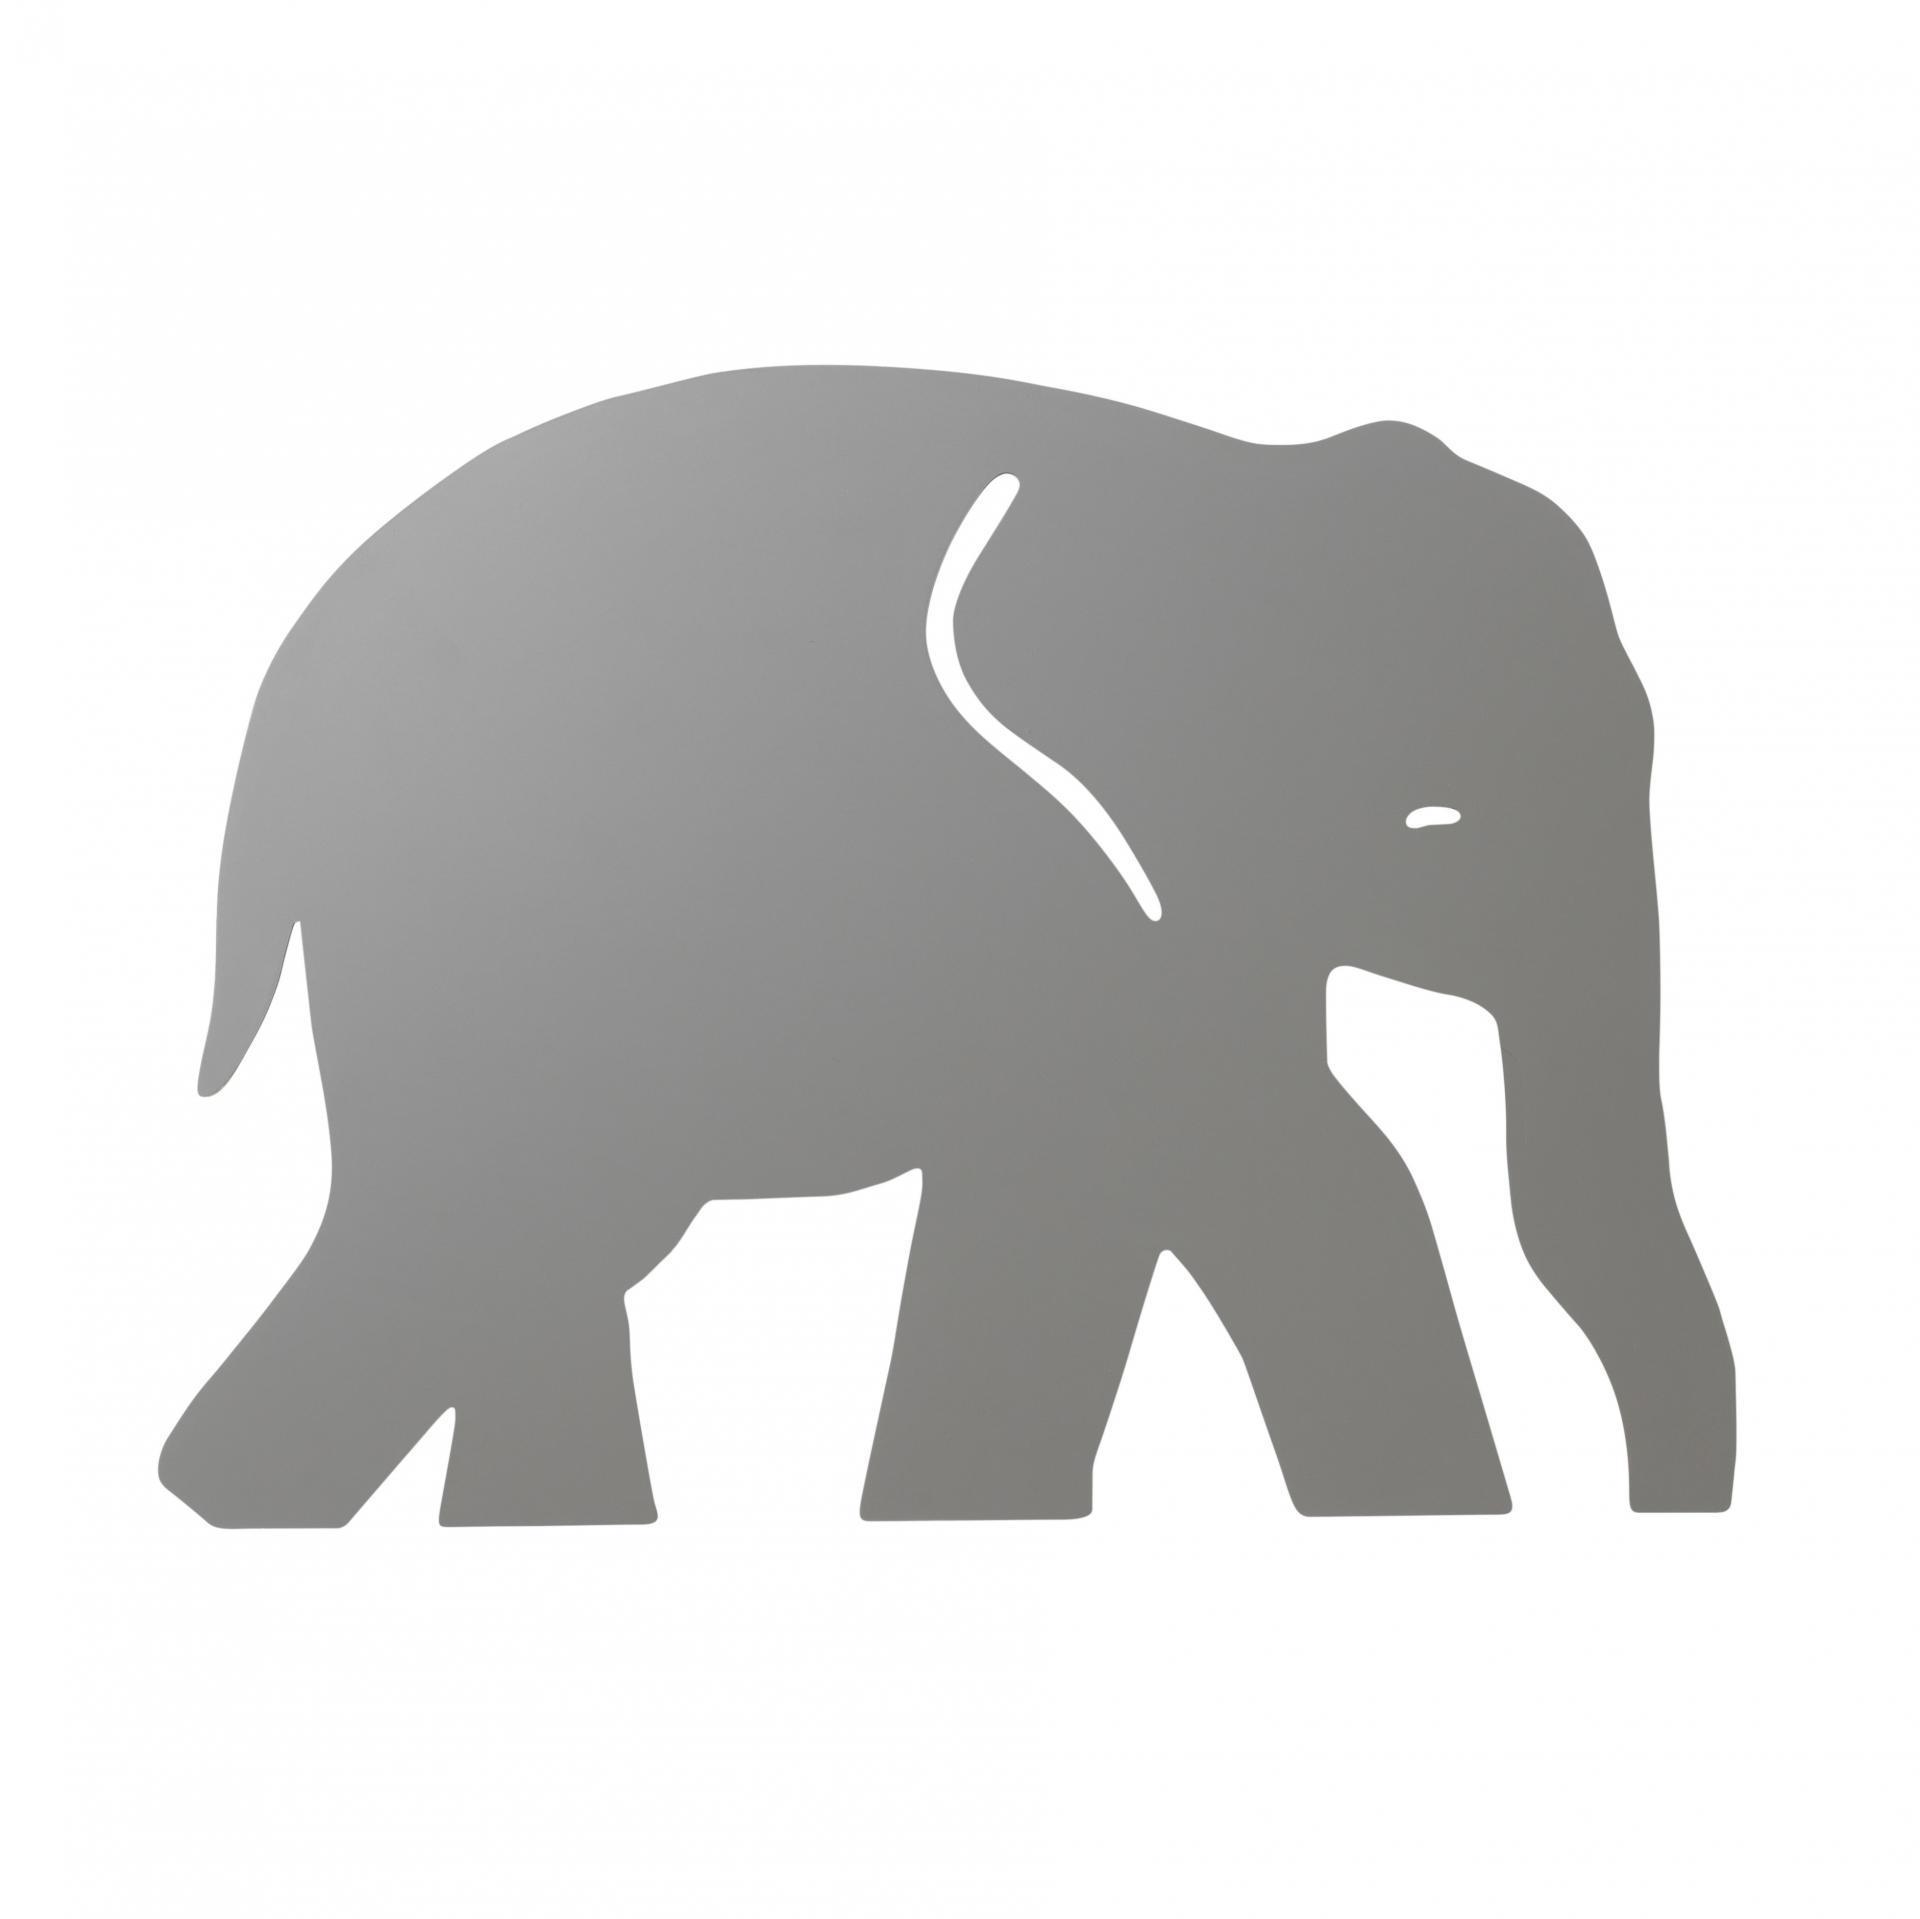 ferm LIVING Dětská lampička Warm Grey Elephant, šedá barva, dřevo, plast